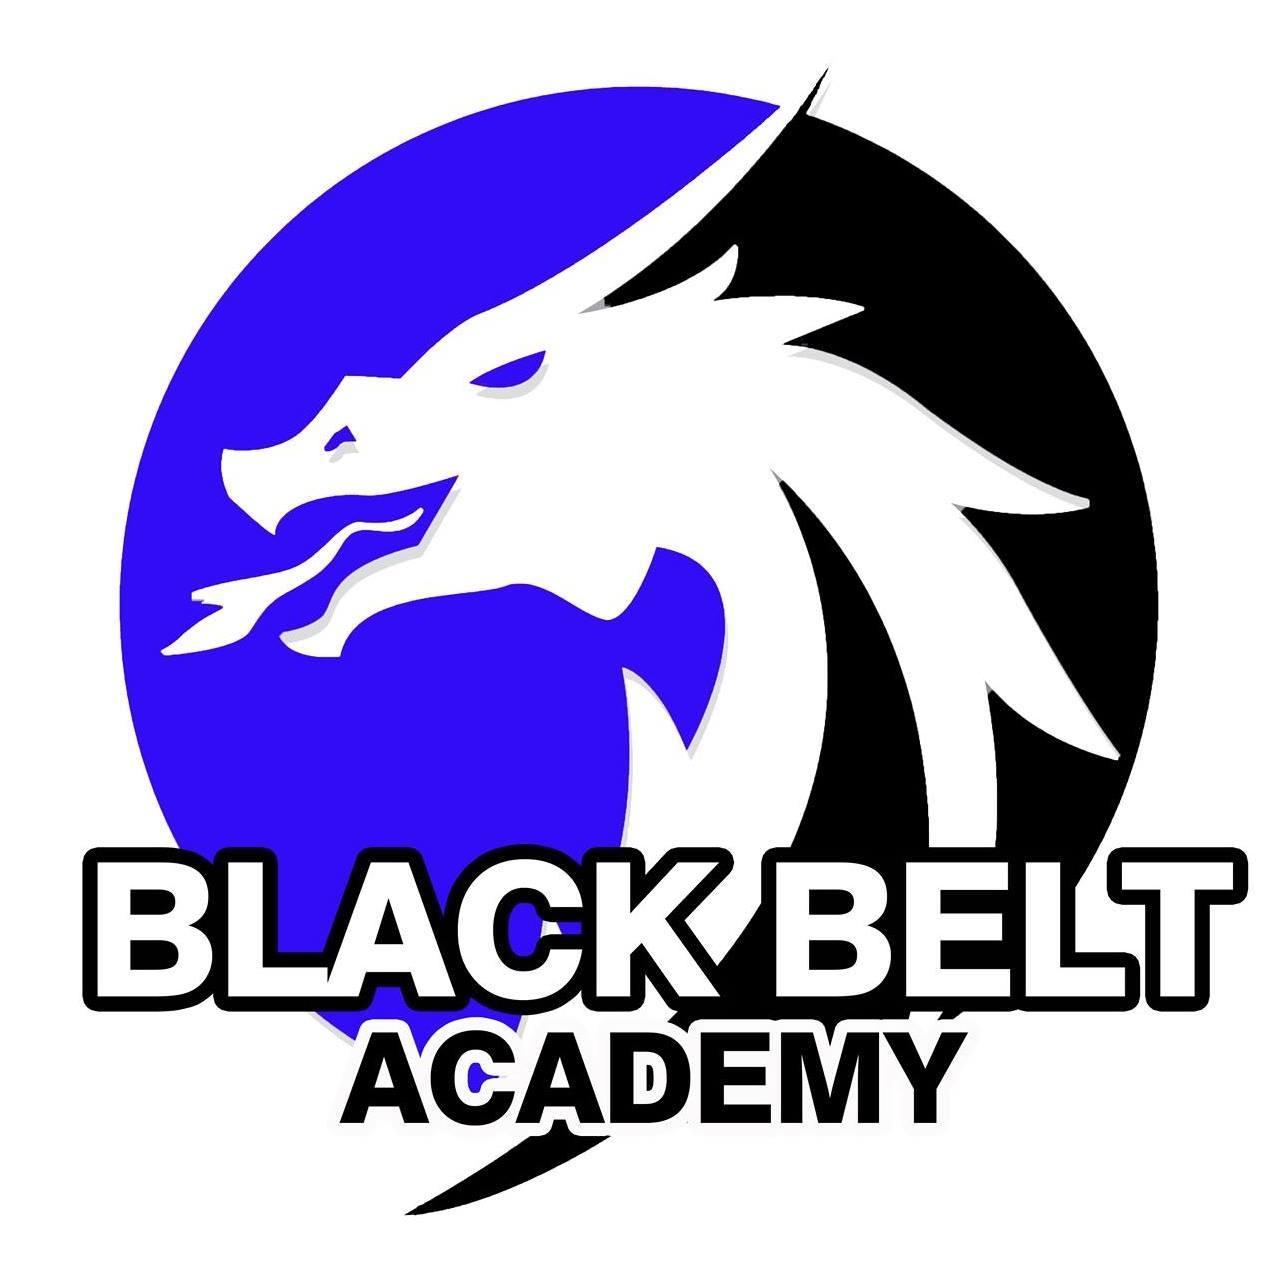 Harborne Blackbelt Academy